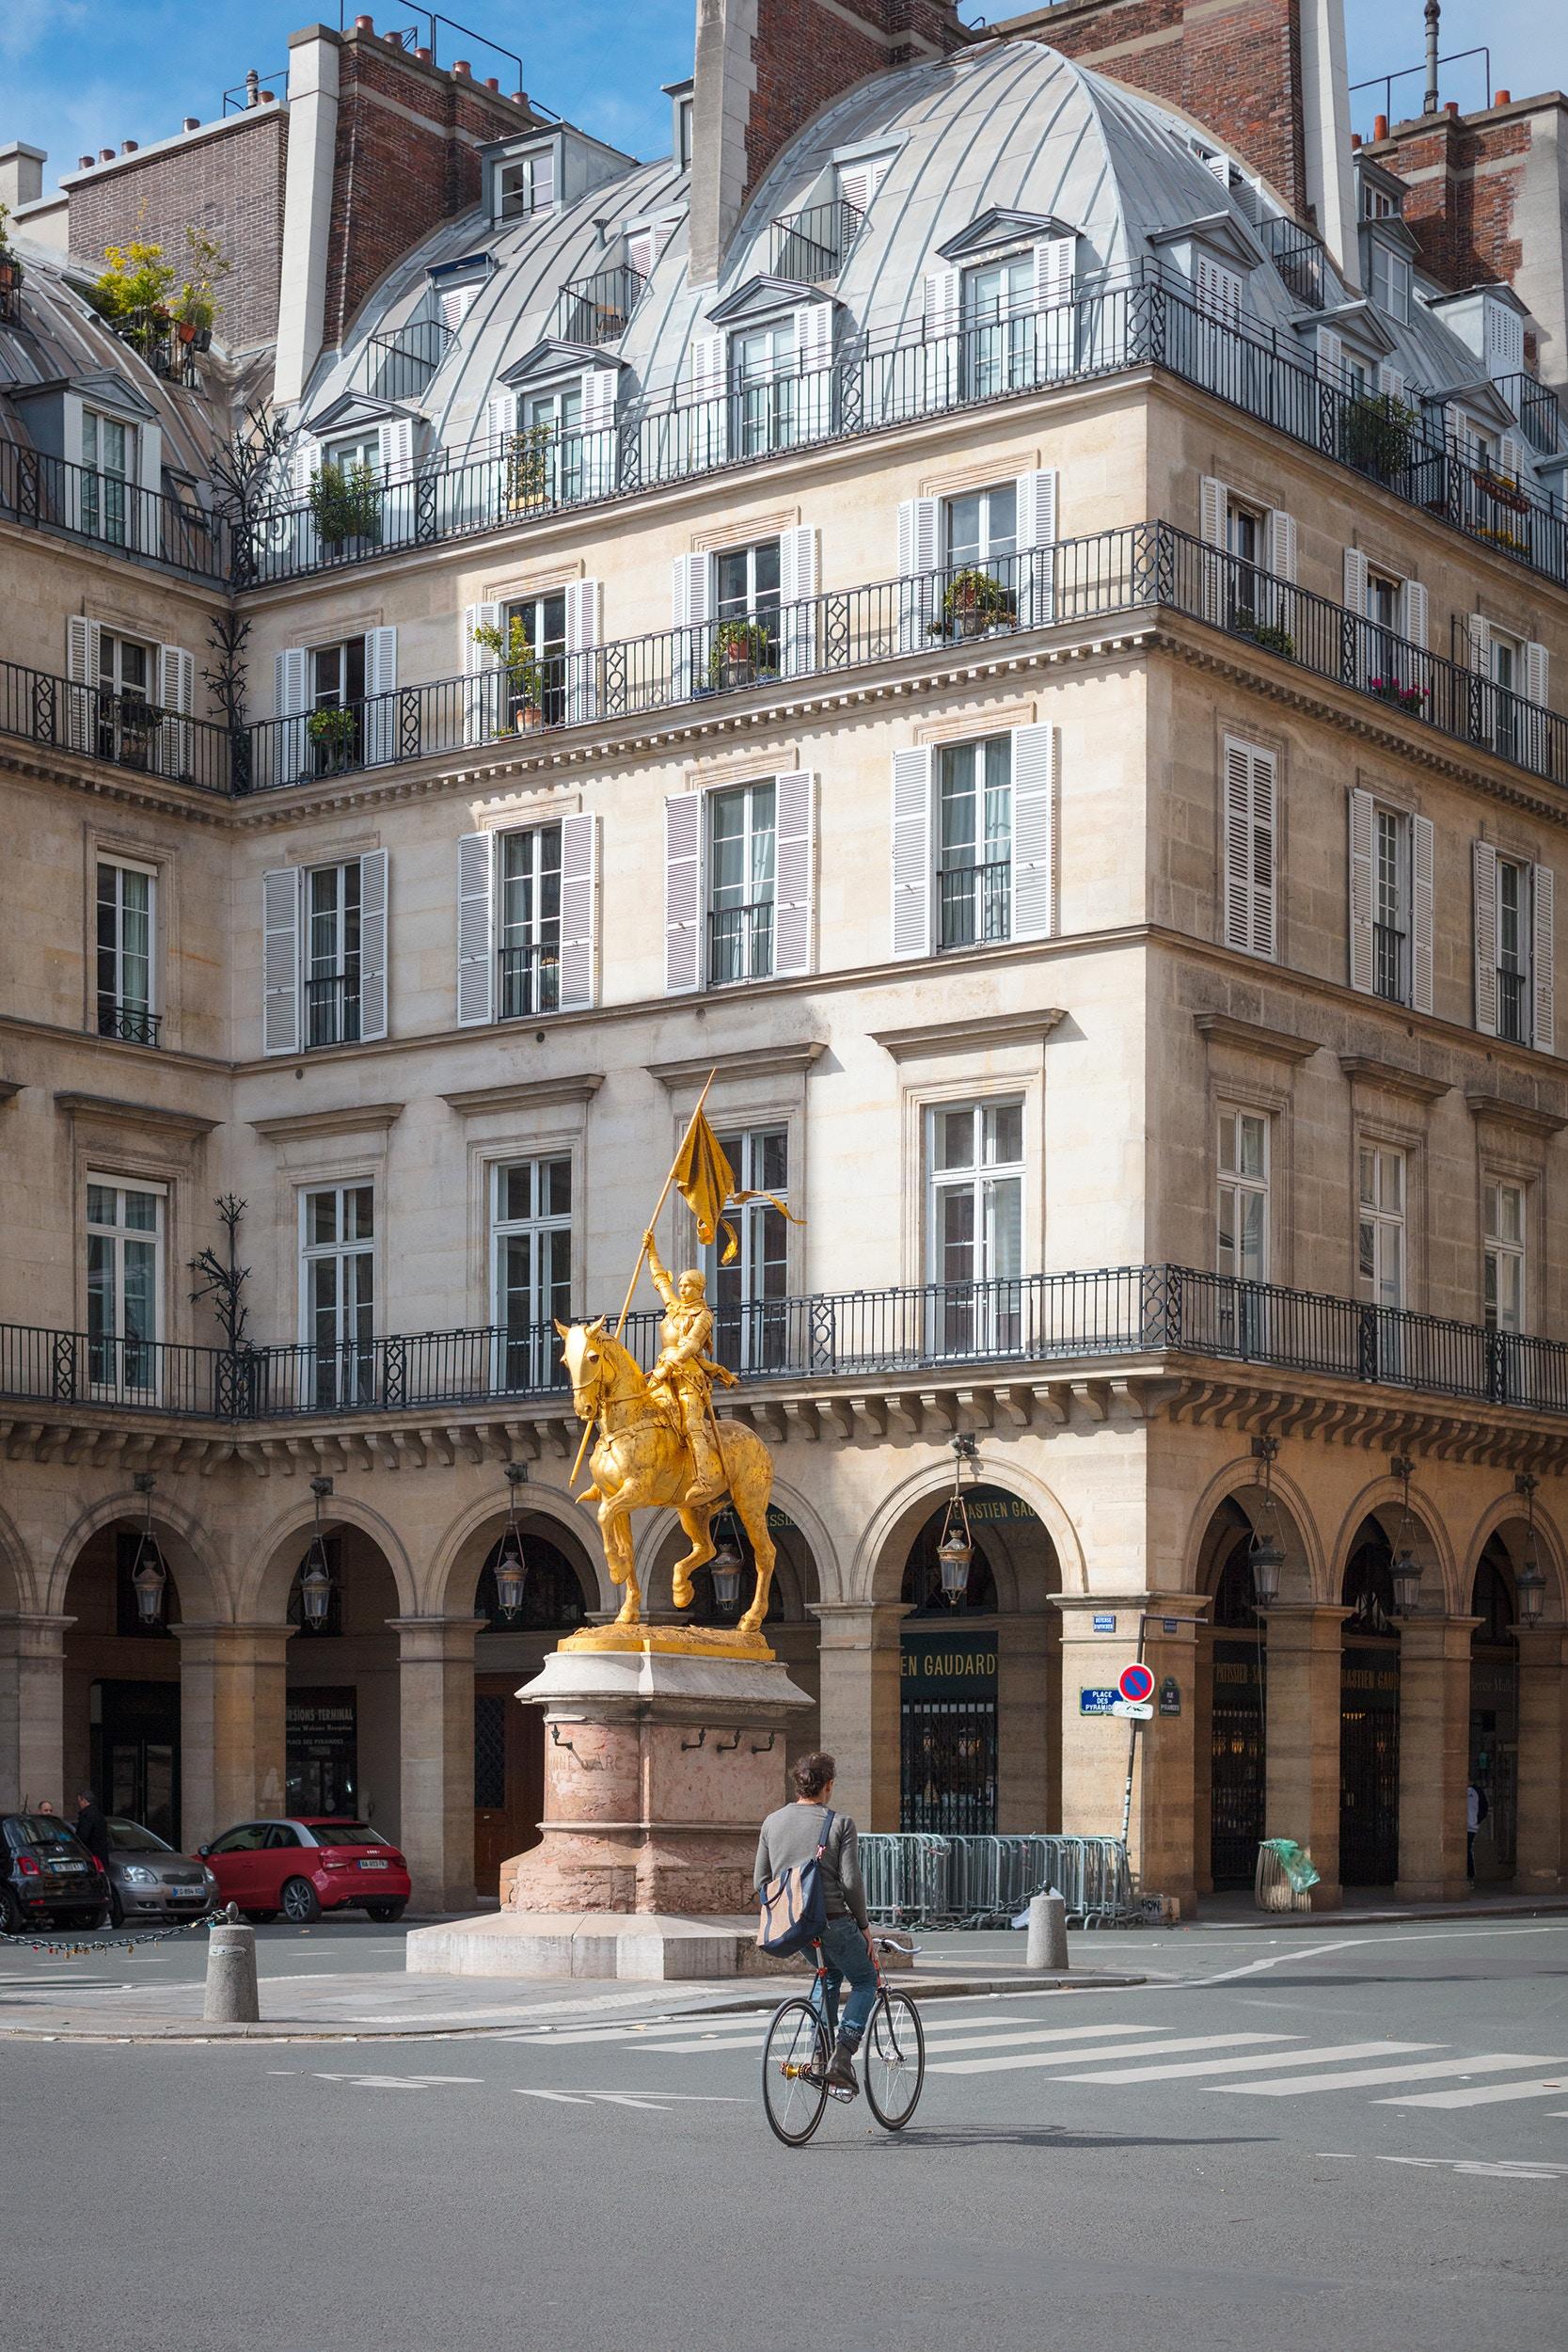 Produit d'investissement dans Paris - Yoram et Lili souhaitent investir dans Paris. Ils recherchent un appartement typiquement parisien à mettre en location. A partir du 2ème étage avec ascenseur, avec ou sans travaux. Ils sont assez pressés : avant la fin de l'année!